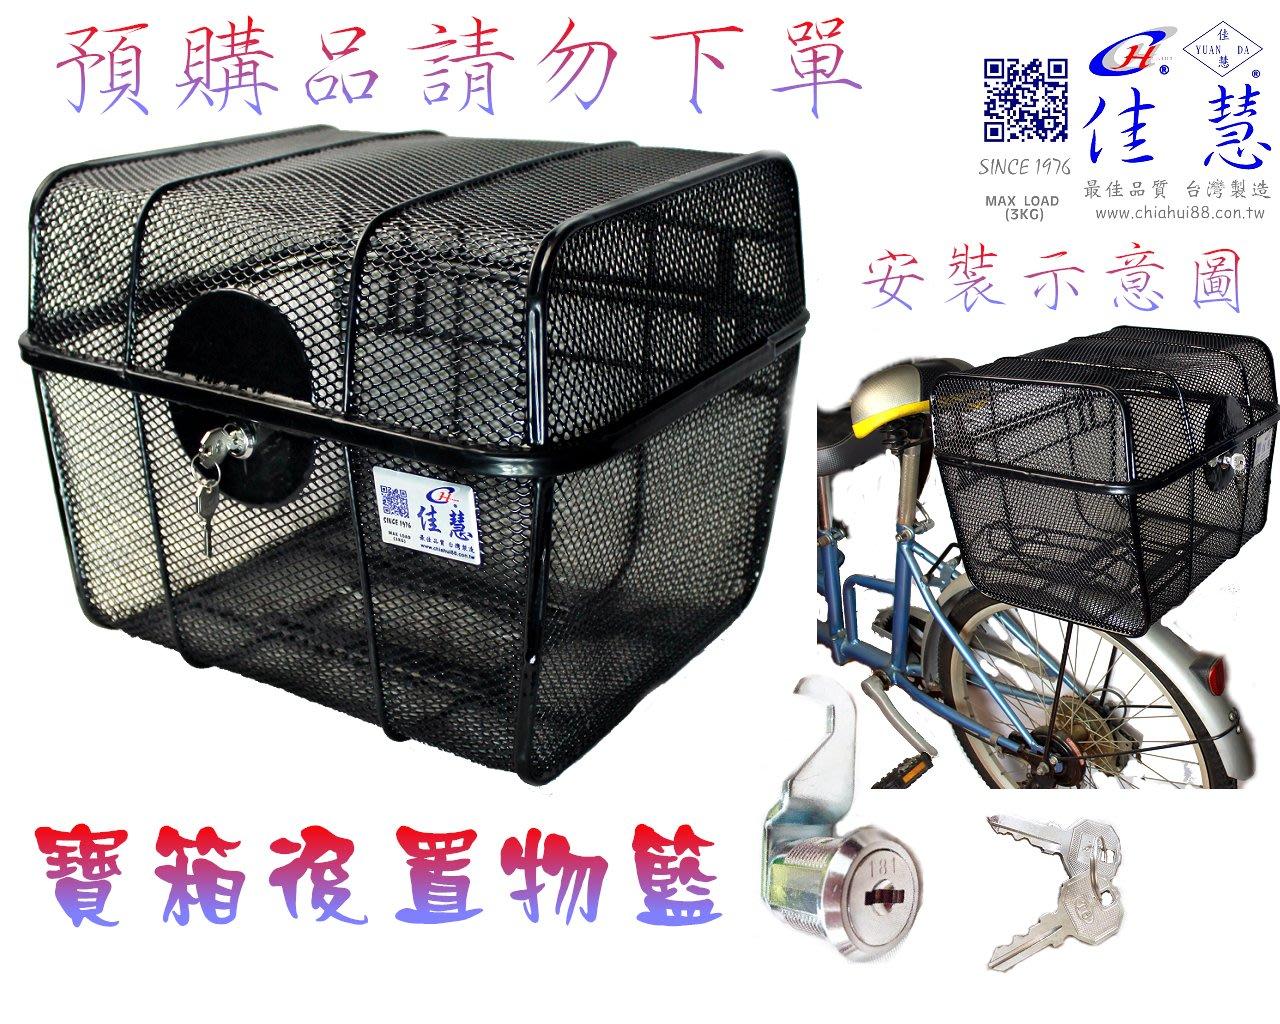 商品預購請勿下單 寶箱後置物籃 菜籃 置物籃 後籃 加蓋款LSM2801B